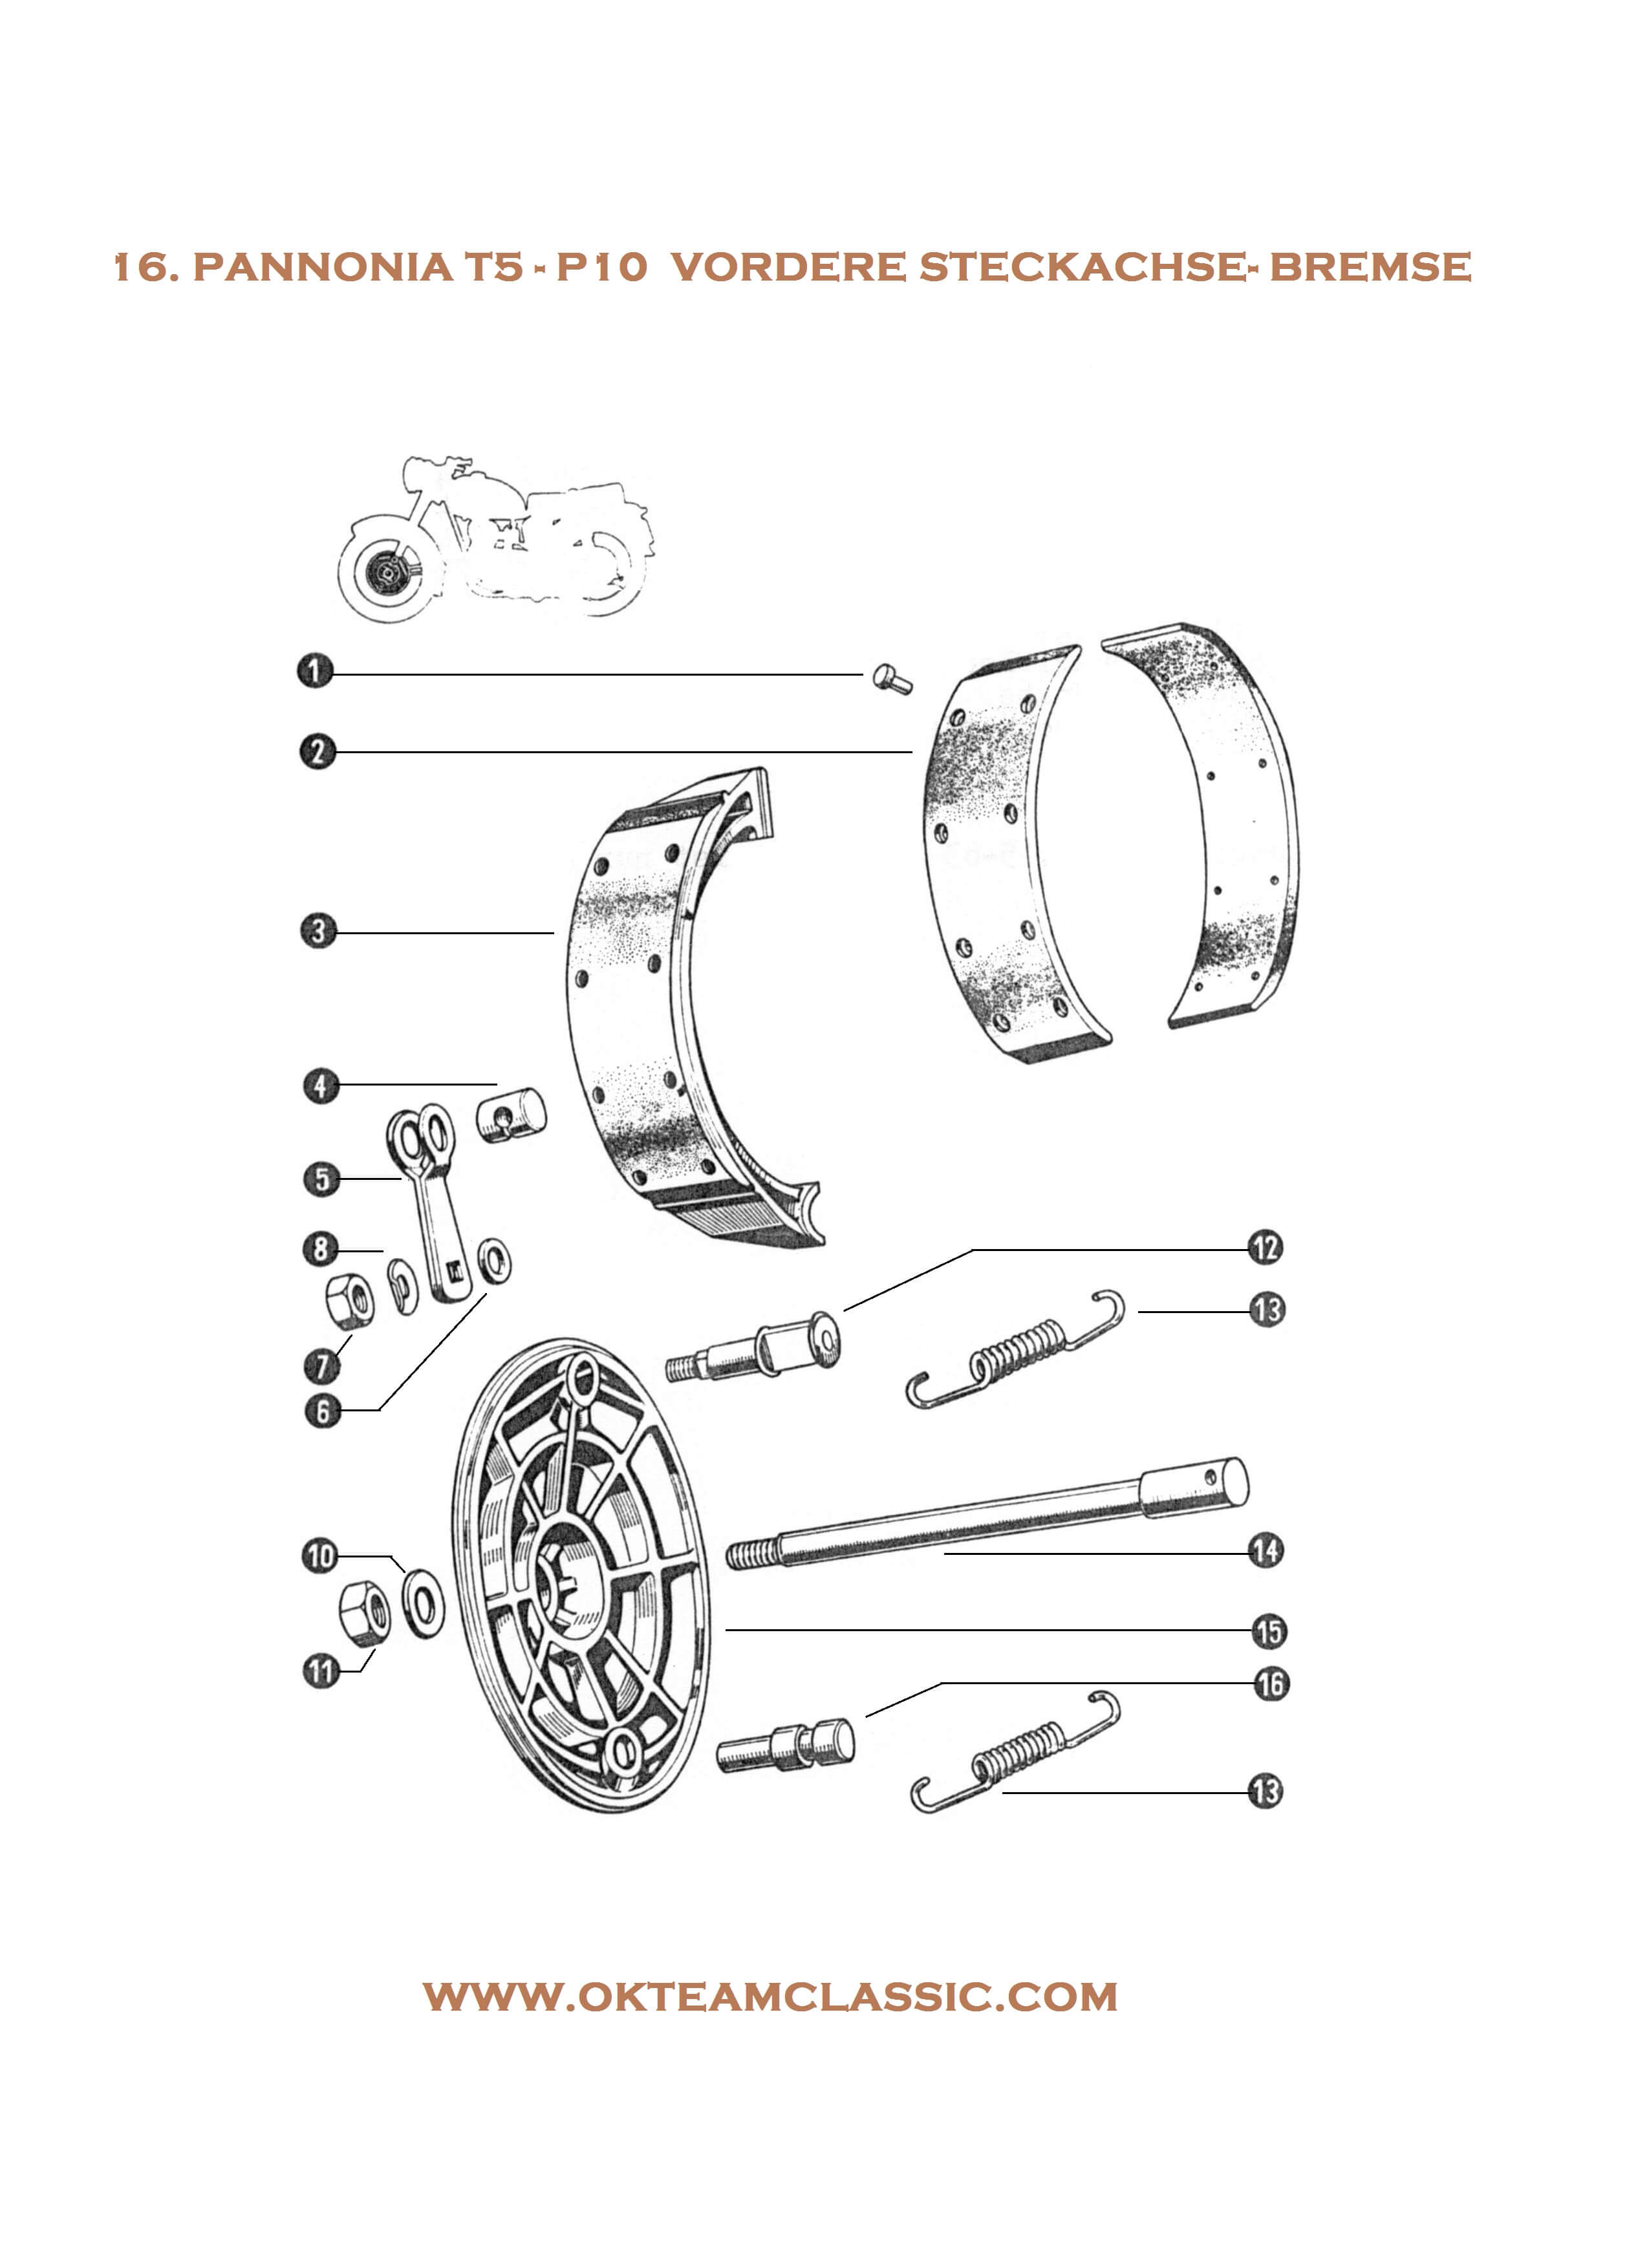 16. Front thru axle – brake